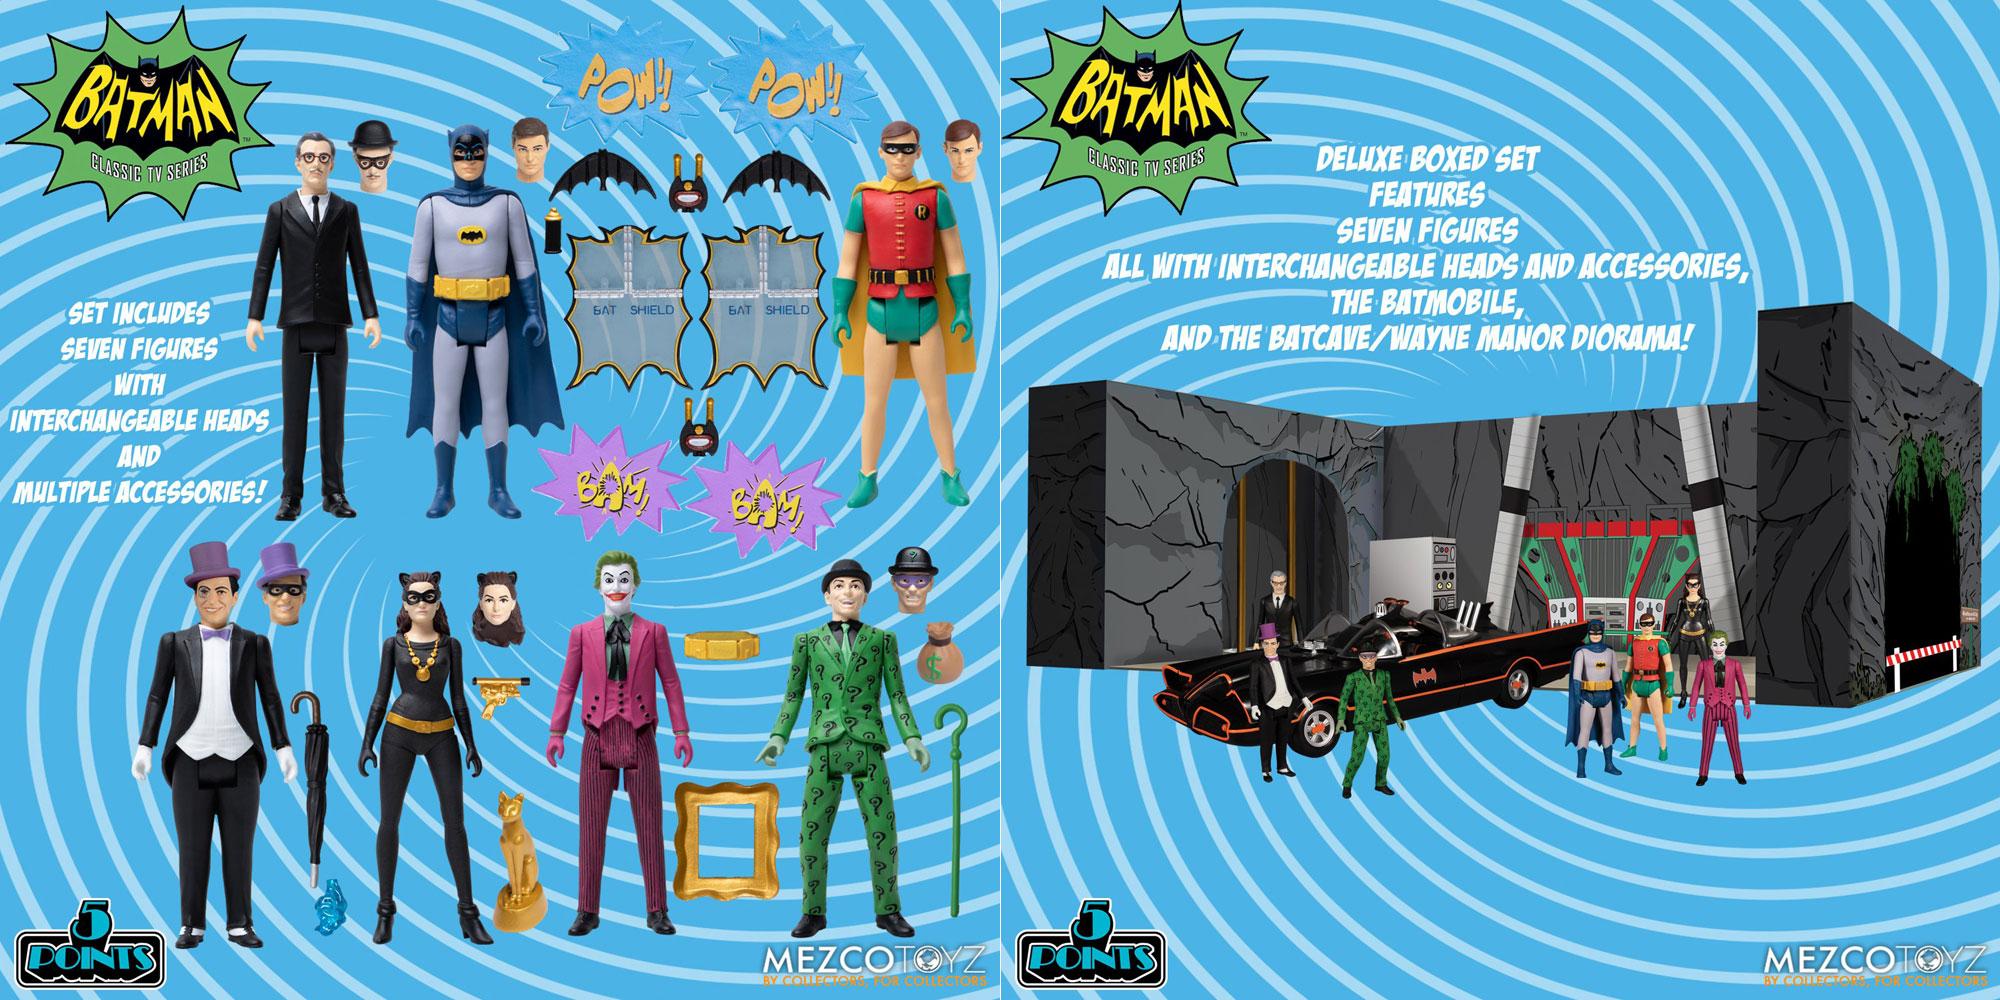 mezco-5-points-batman-1966-action-figure-bat-cave-box-set